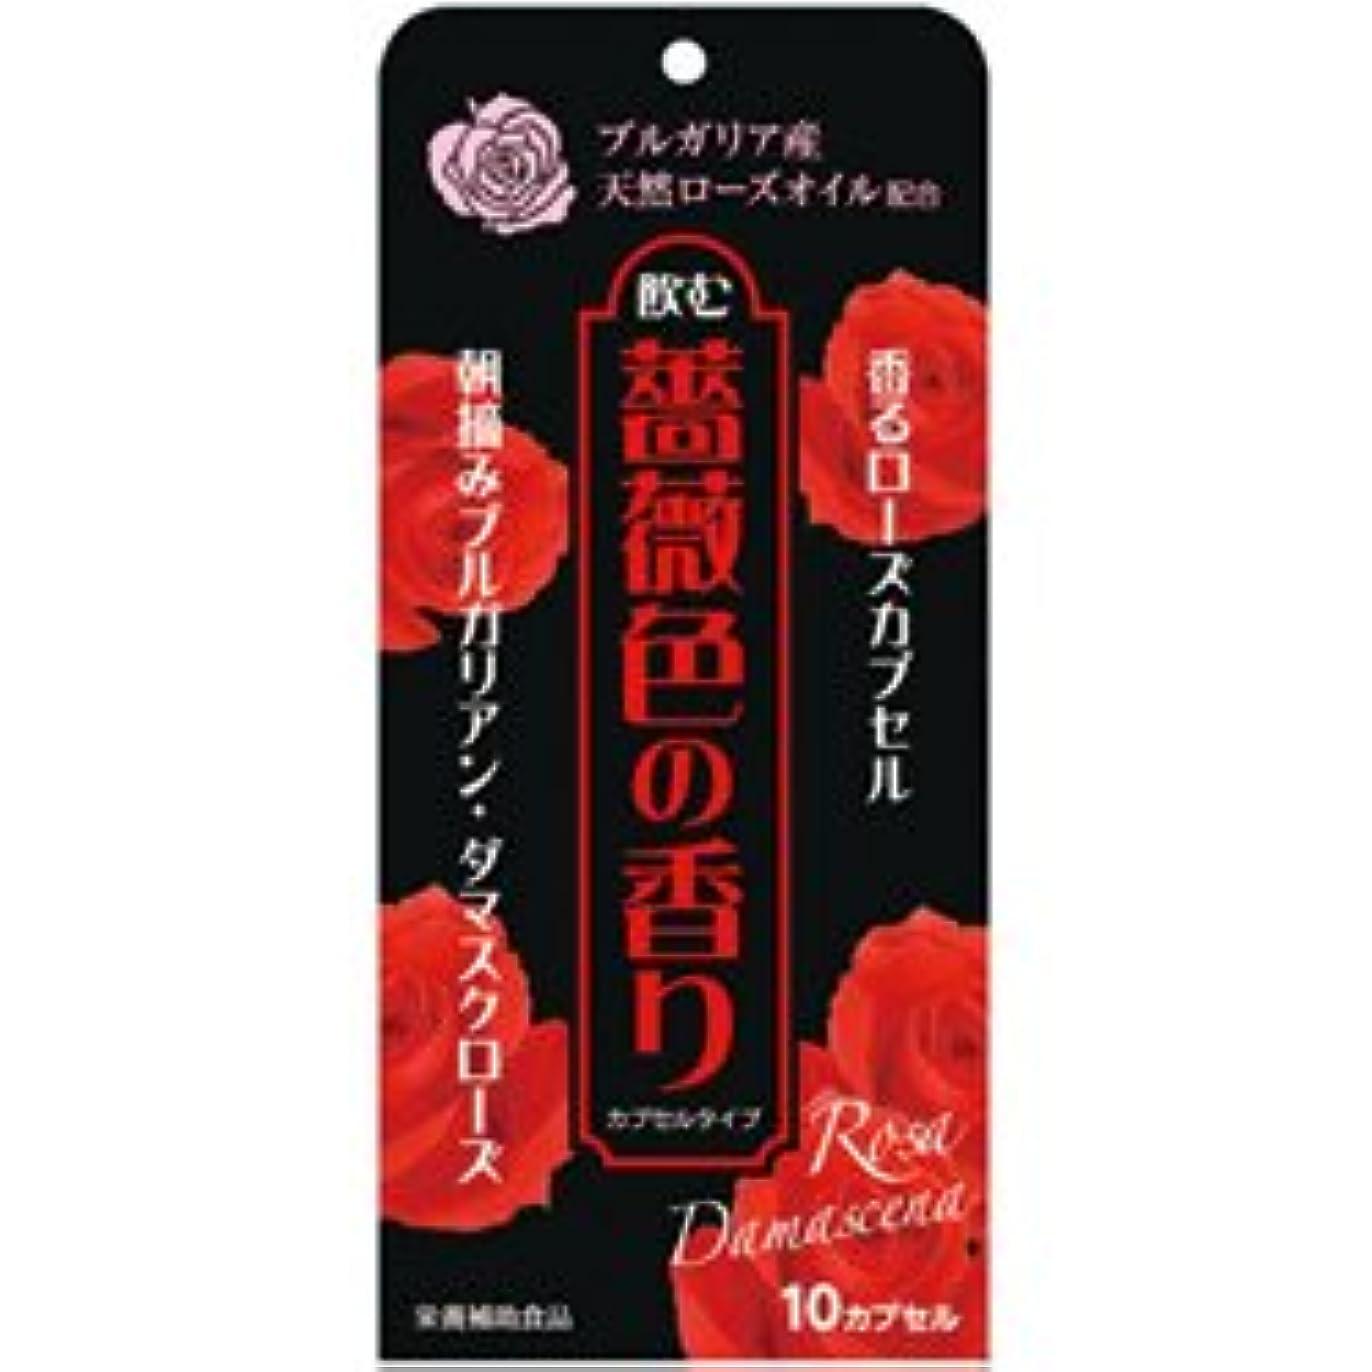 ほかにループビタミン【ウェルネスジャパン】飲む薔薇色の香り 10カプセル ×20個セット